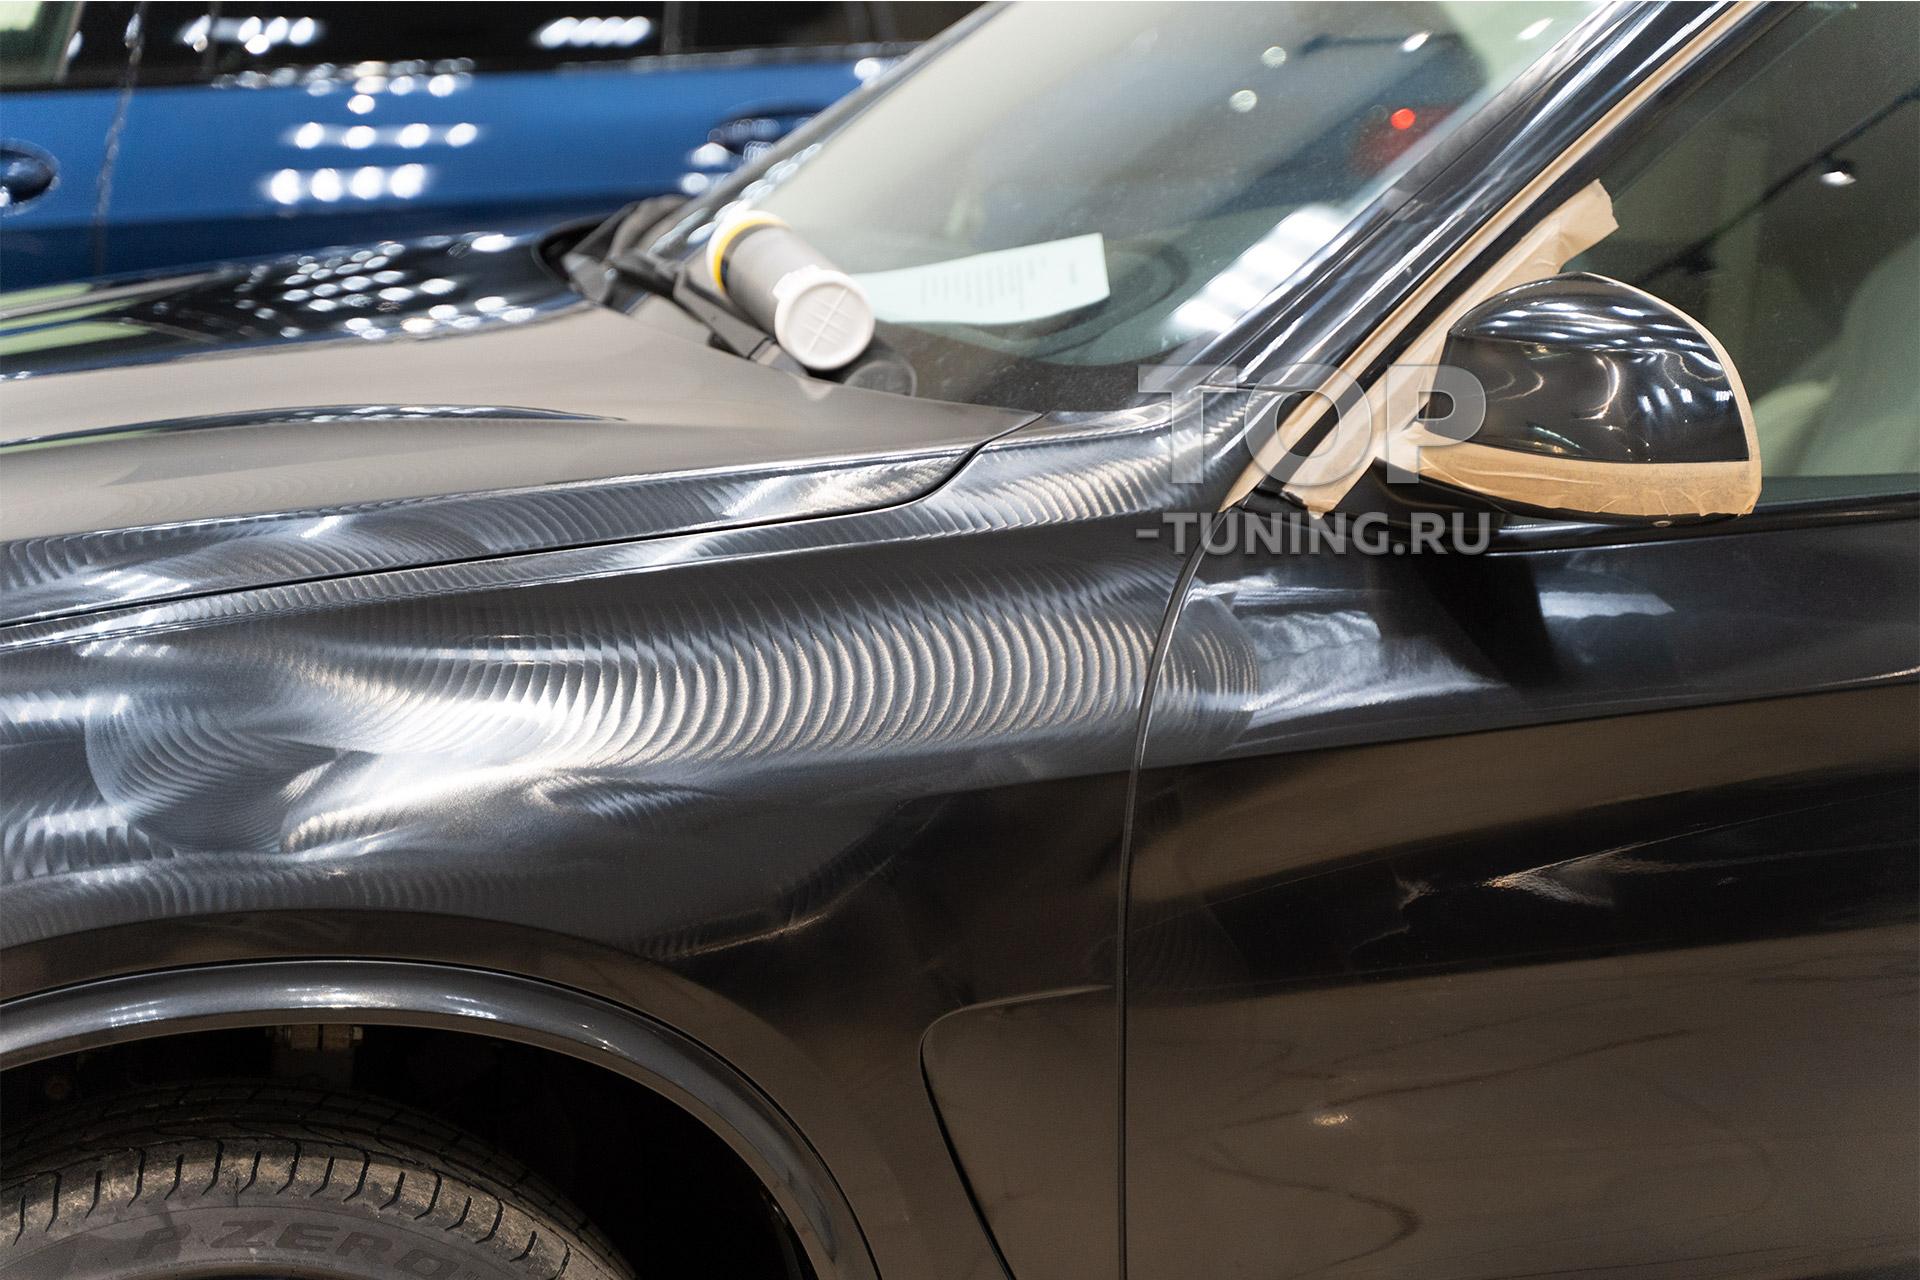 Детейлинг BMW X5 f15. Полировка кузова, удаление царапин, нанесение твердого воска.